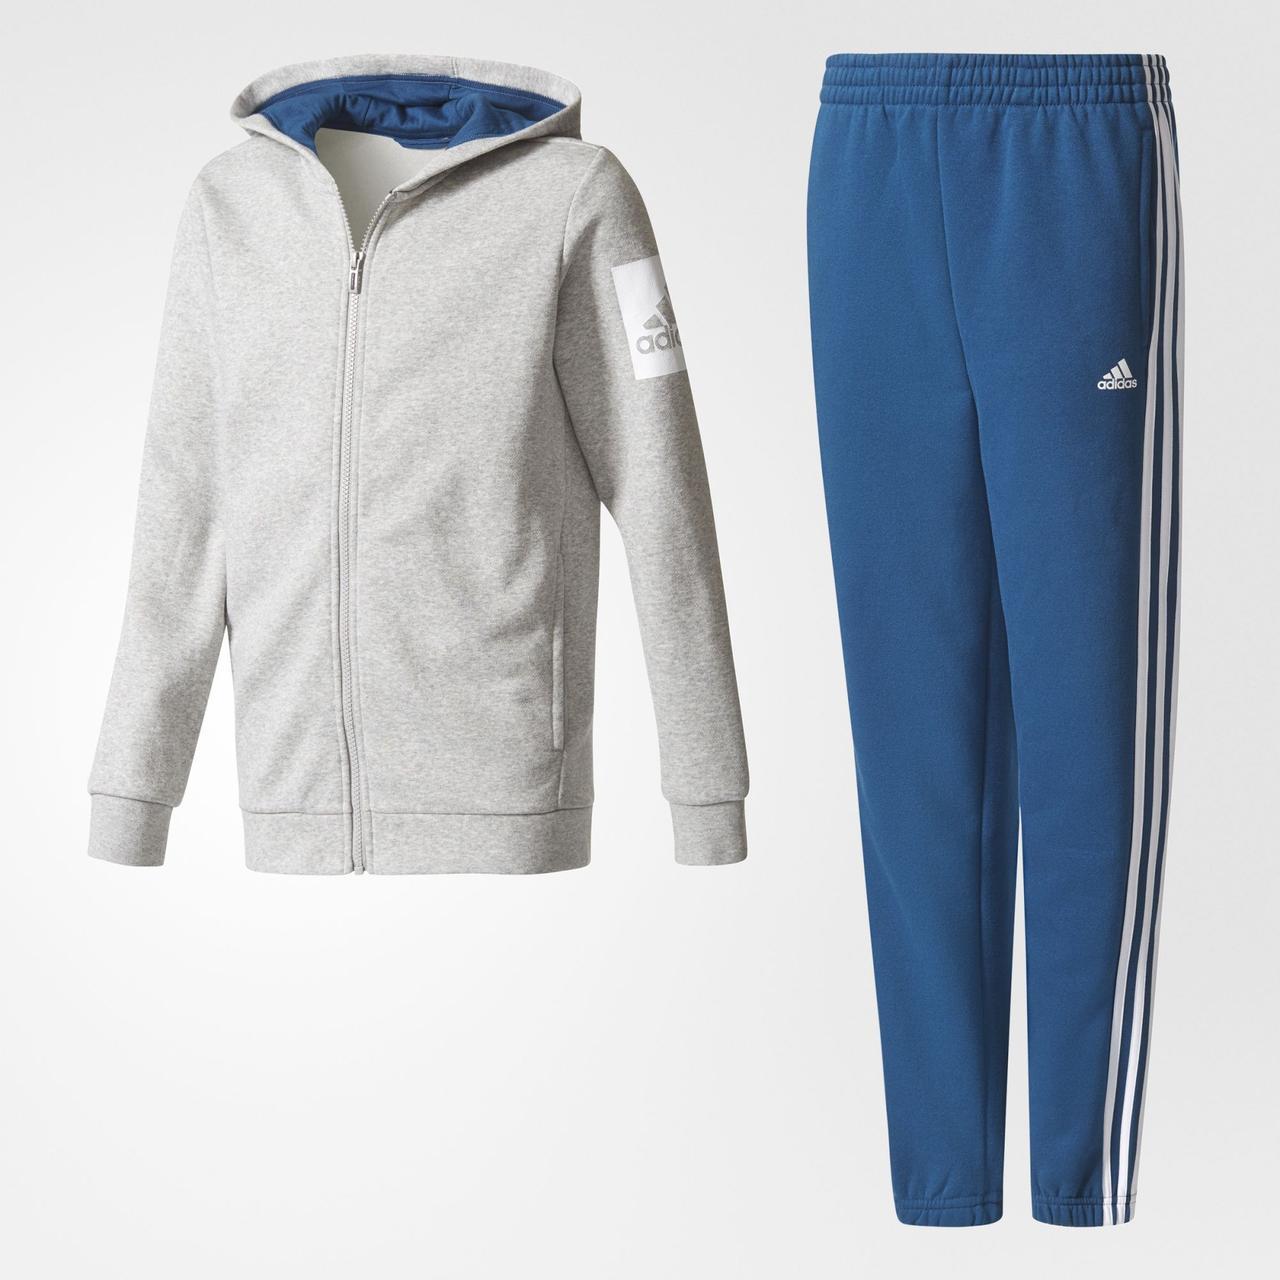 Купить Детский костюм Adidas Performance Hojo (Артикул  CE8594) в ... 6ef42942c9c